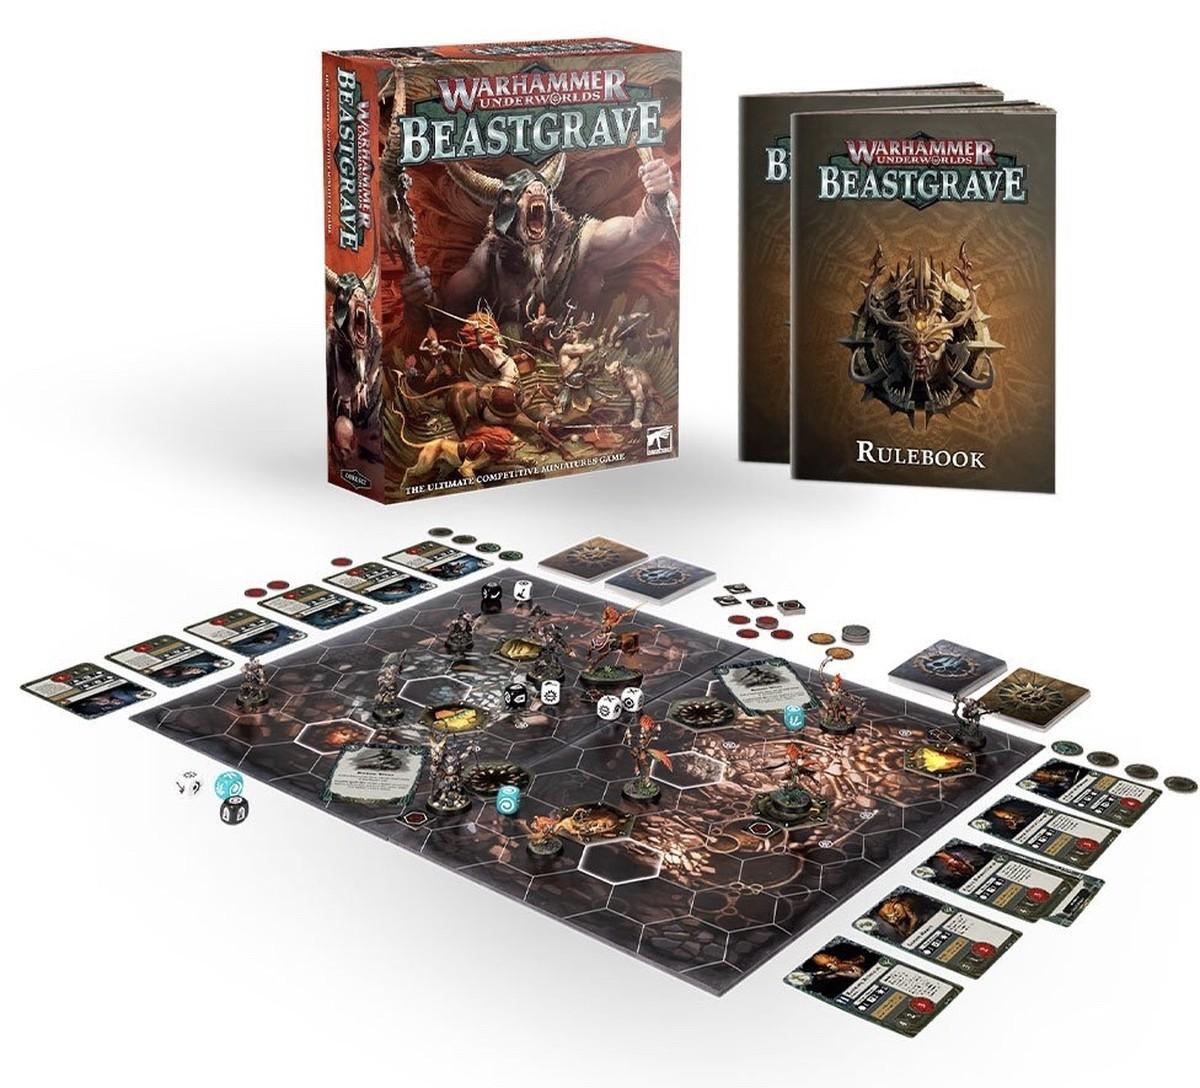 Warhammer Underworlds: Beastgravereview